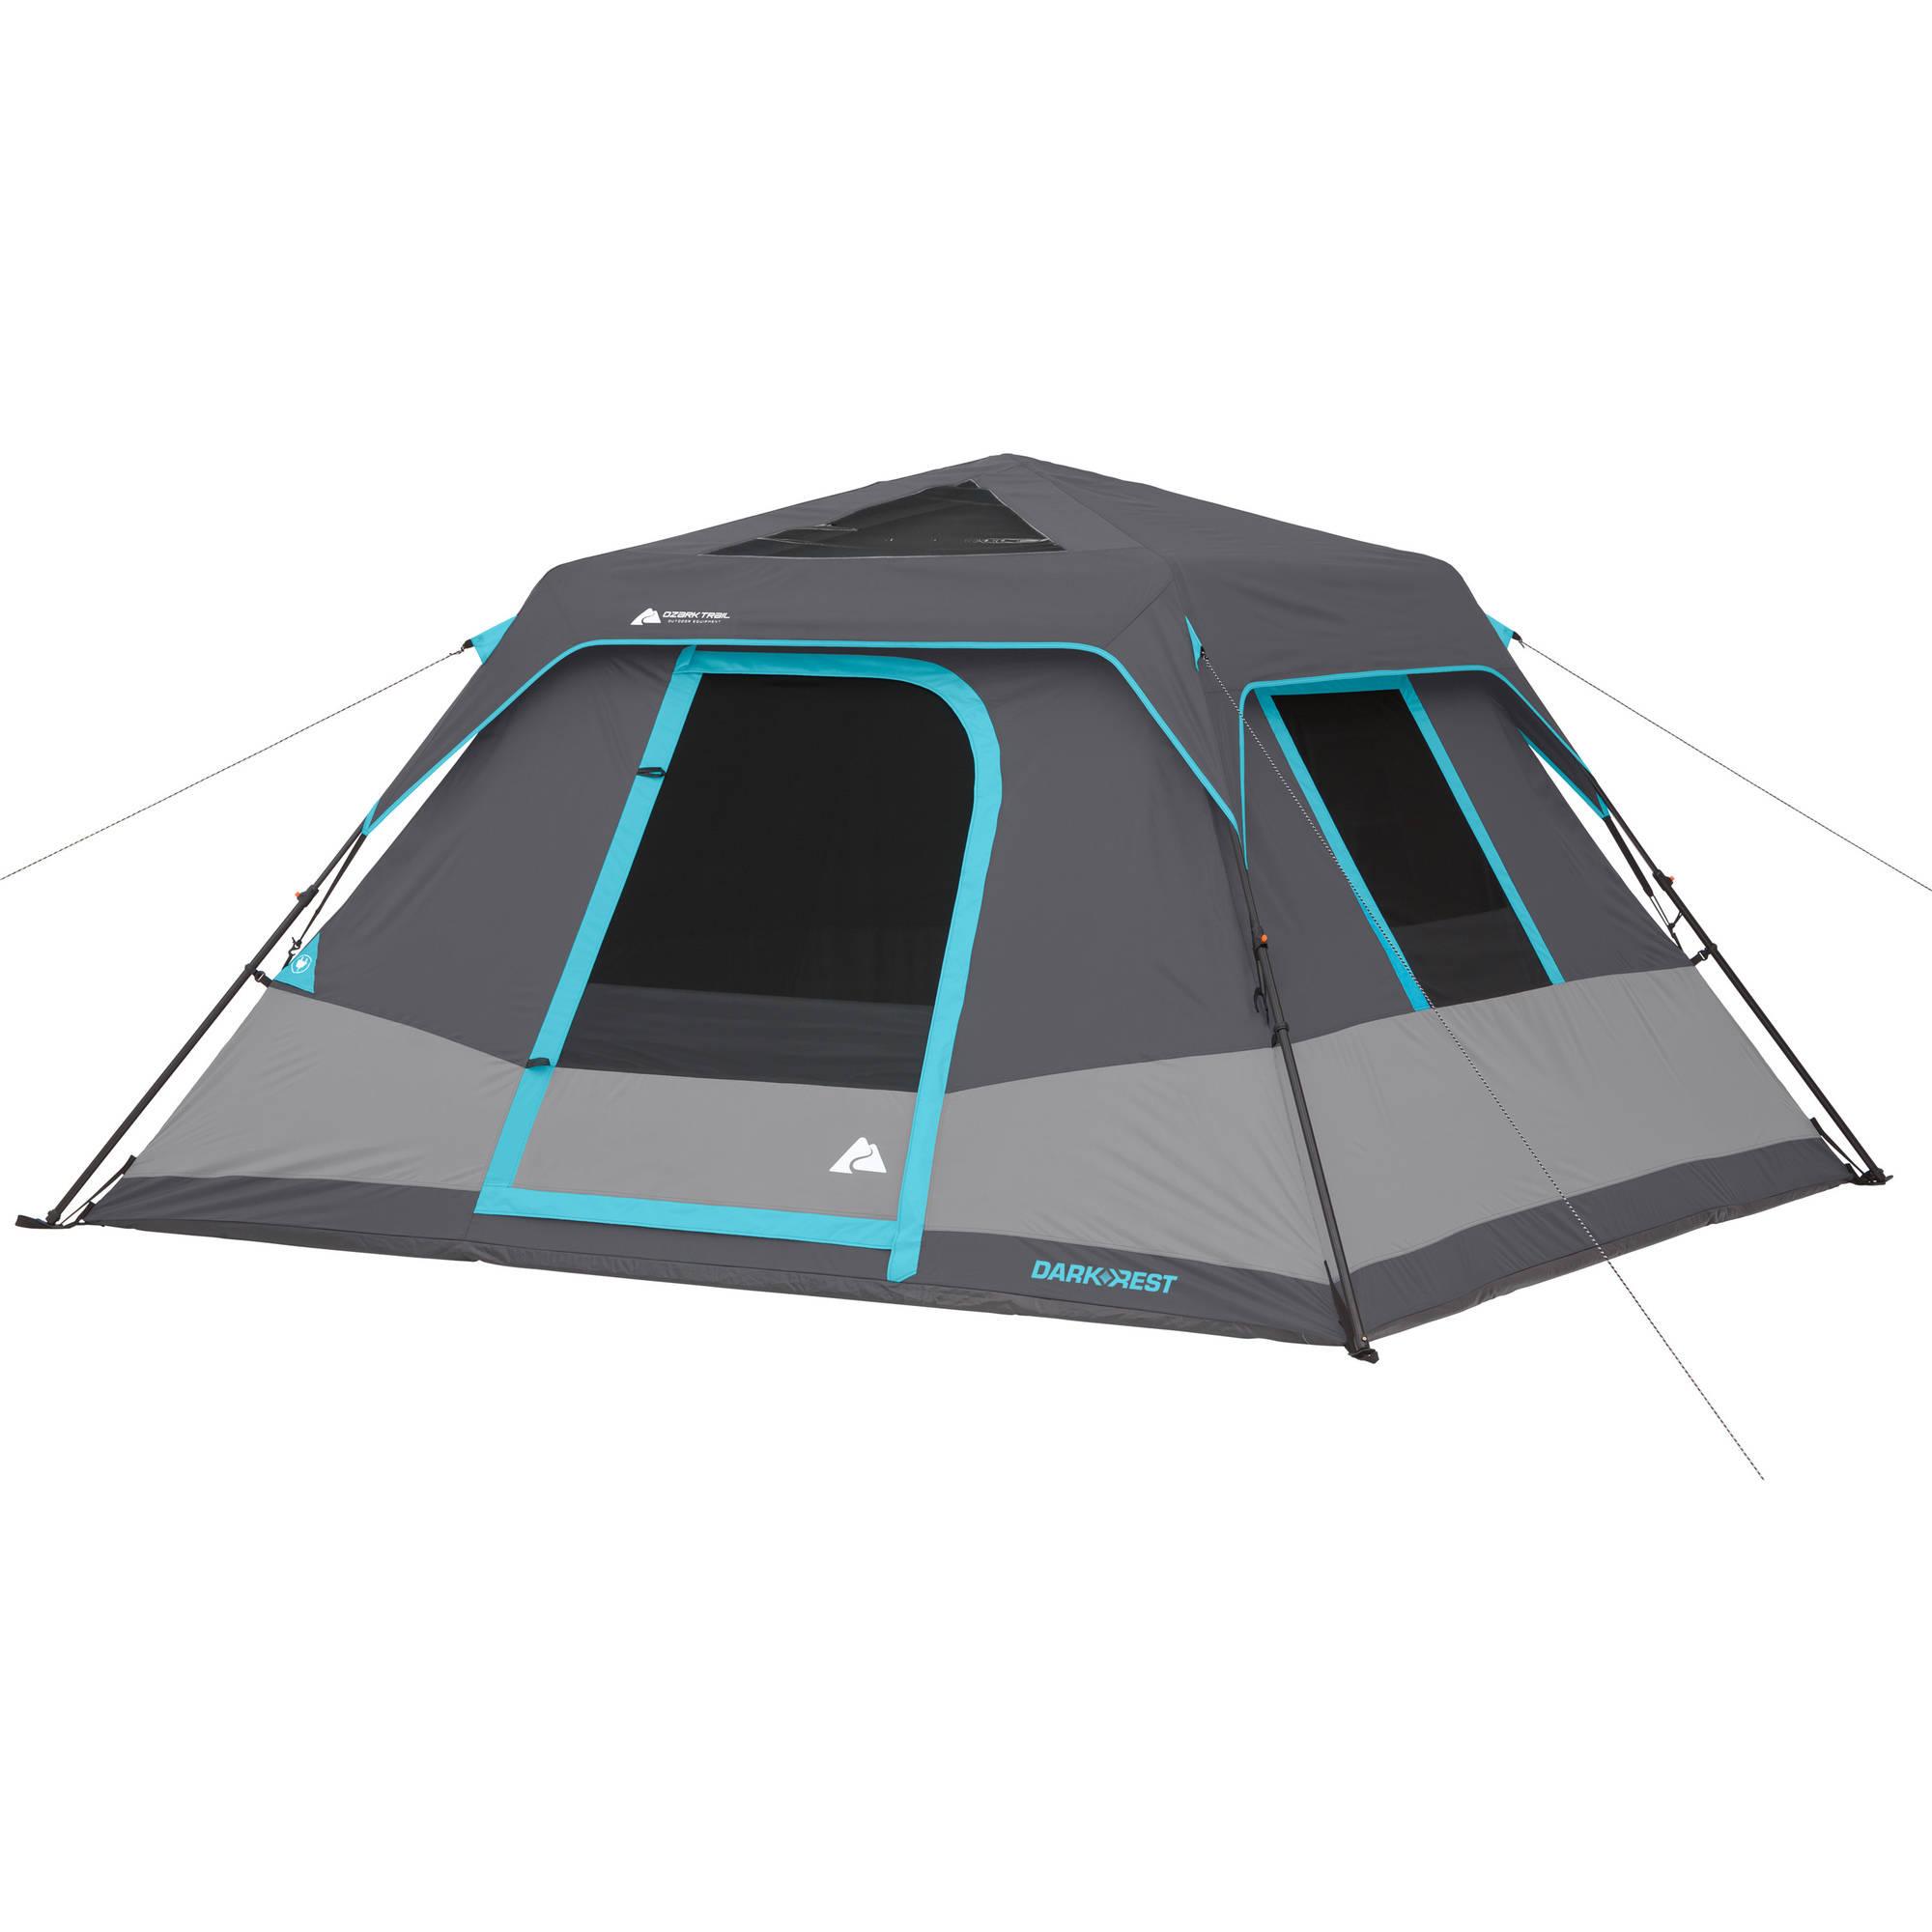 c75634921eb Ozark Trail 6-Person 10  x 9  Dark Rest Instant Cabin Tent ...